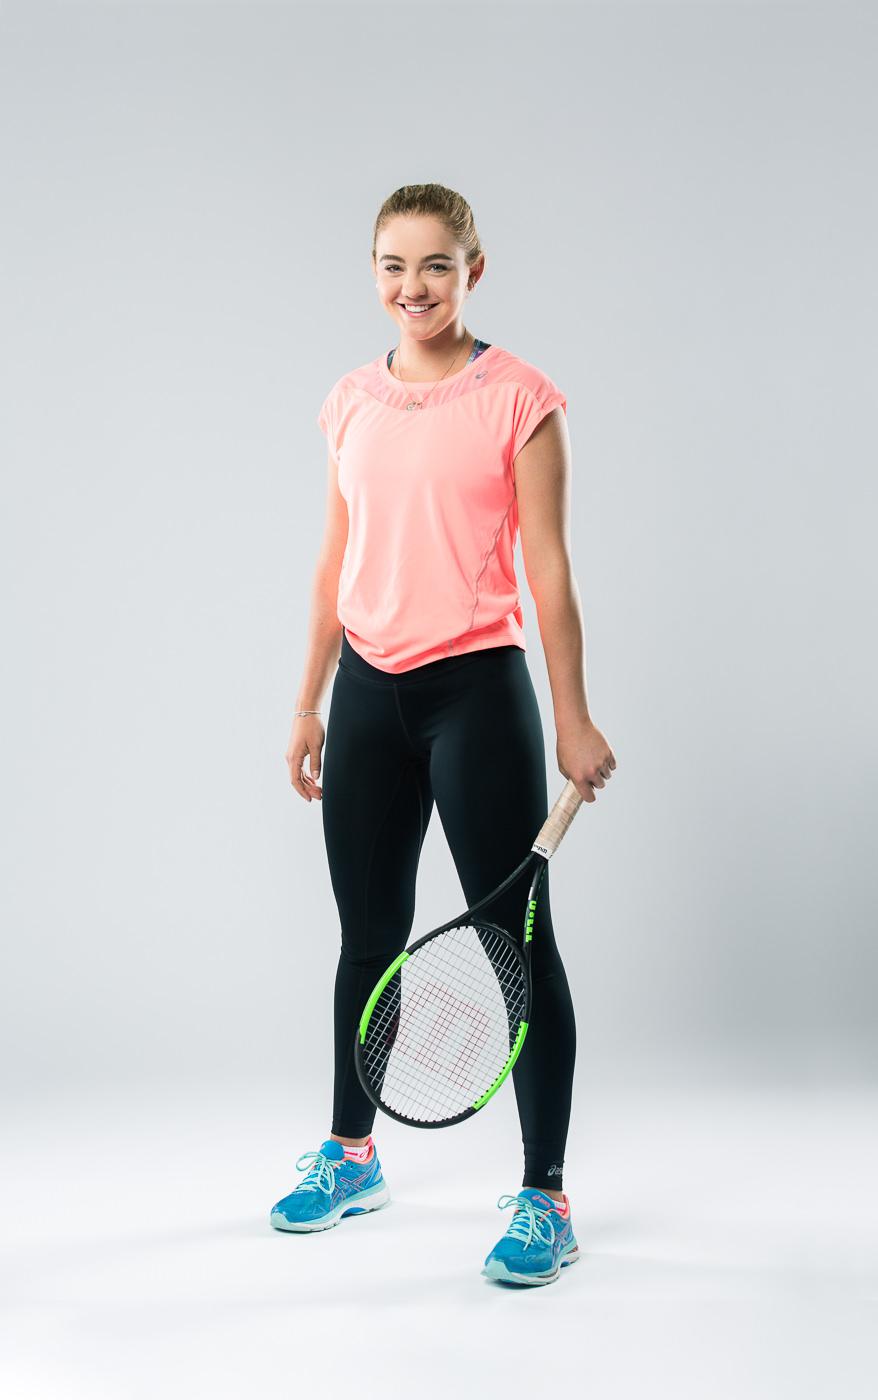 Portrait joueuse équipe Tennis Canada Charlotte Robillard Milette